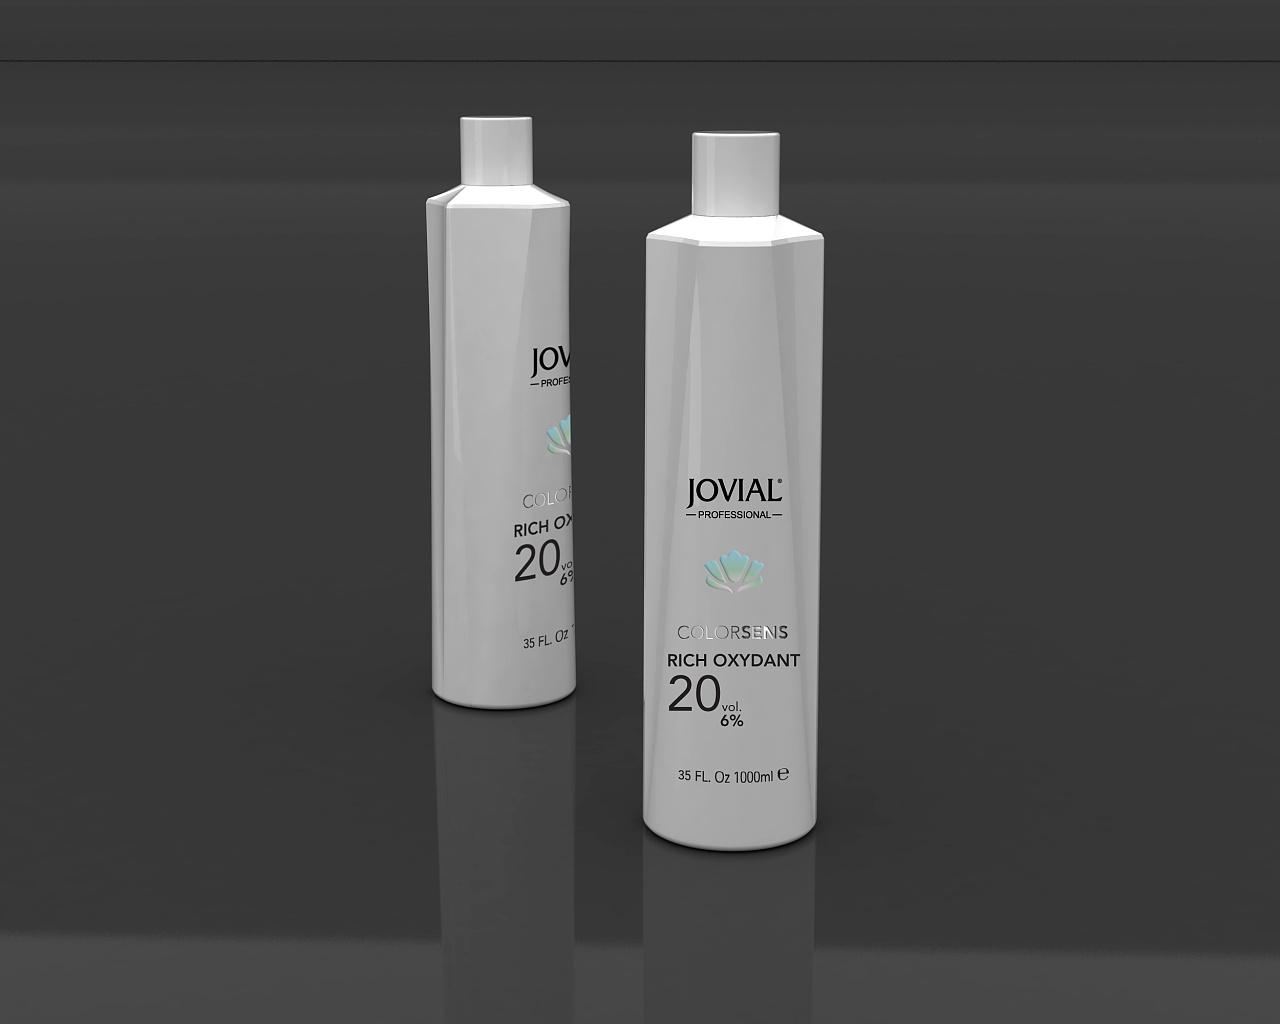 化妆品瓶子设计_化妆品瓶型设计3 平面 包装 sunhb2010 - 原创作品 - 站酷 (ZCOOL)